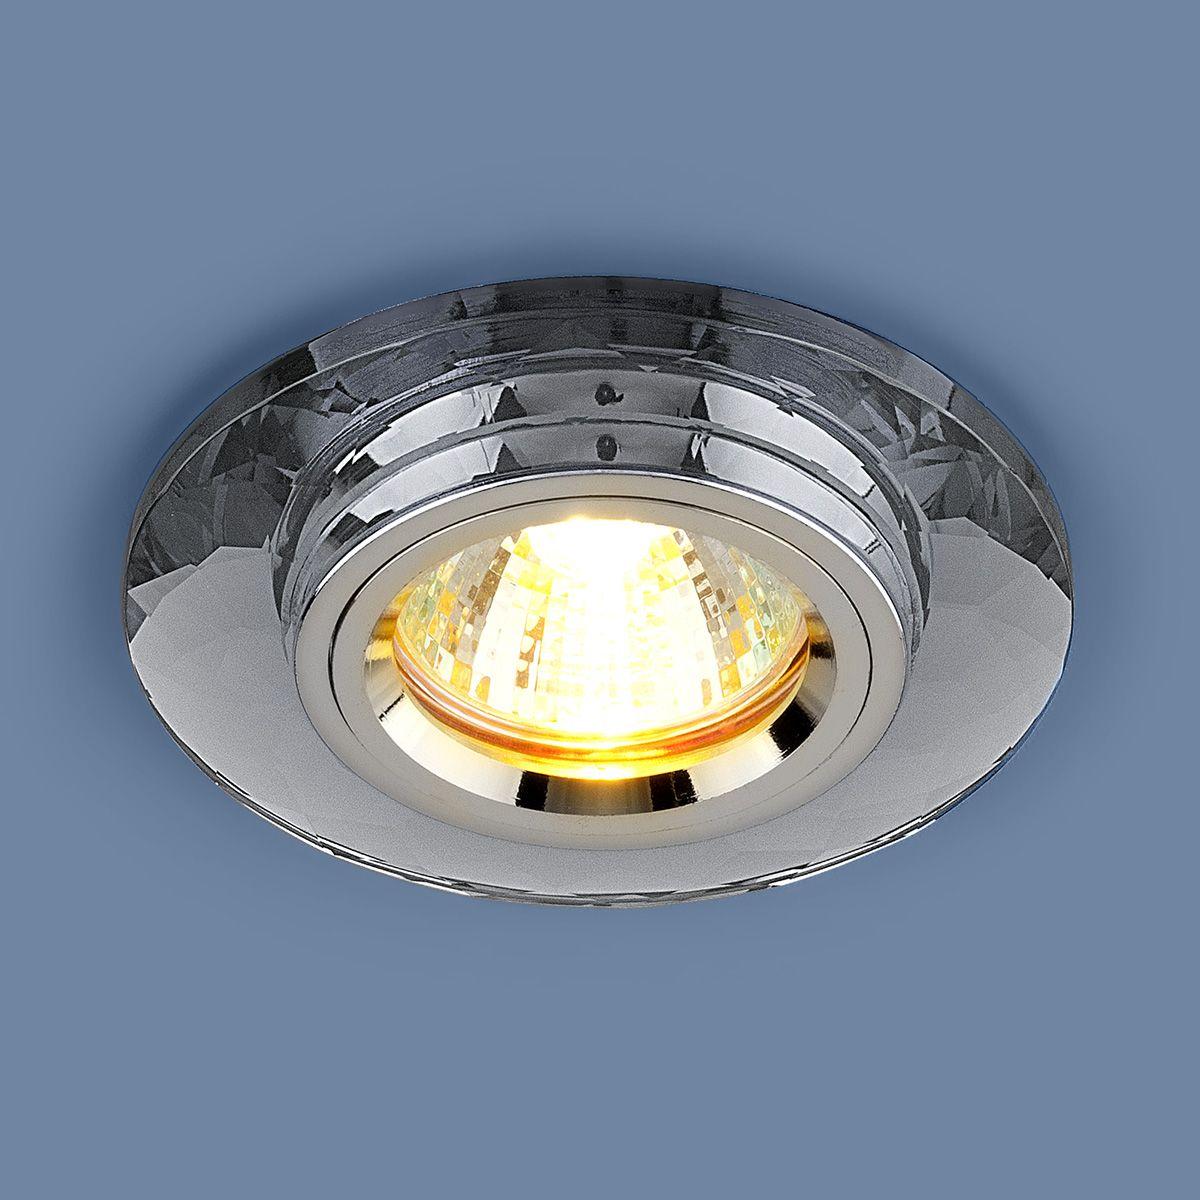 Встраиваемый точечный светильник 8150 MR16 SL зеркальный/серебро